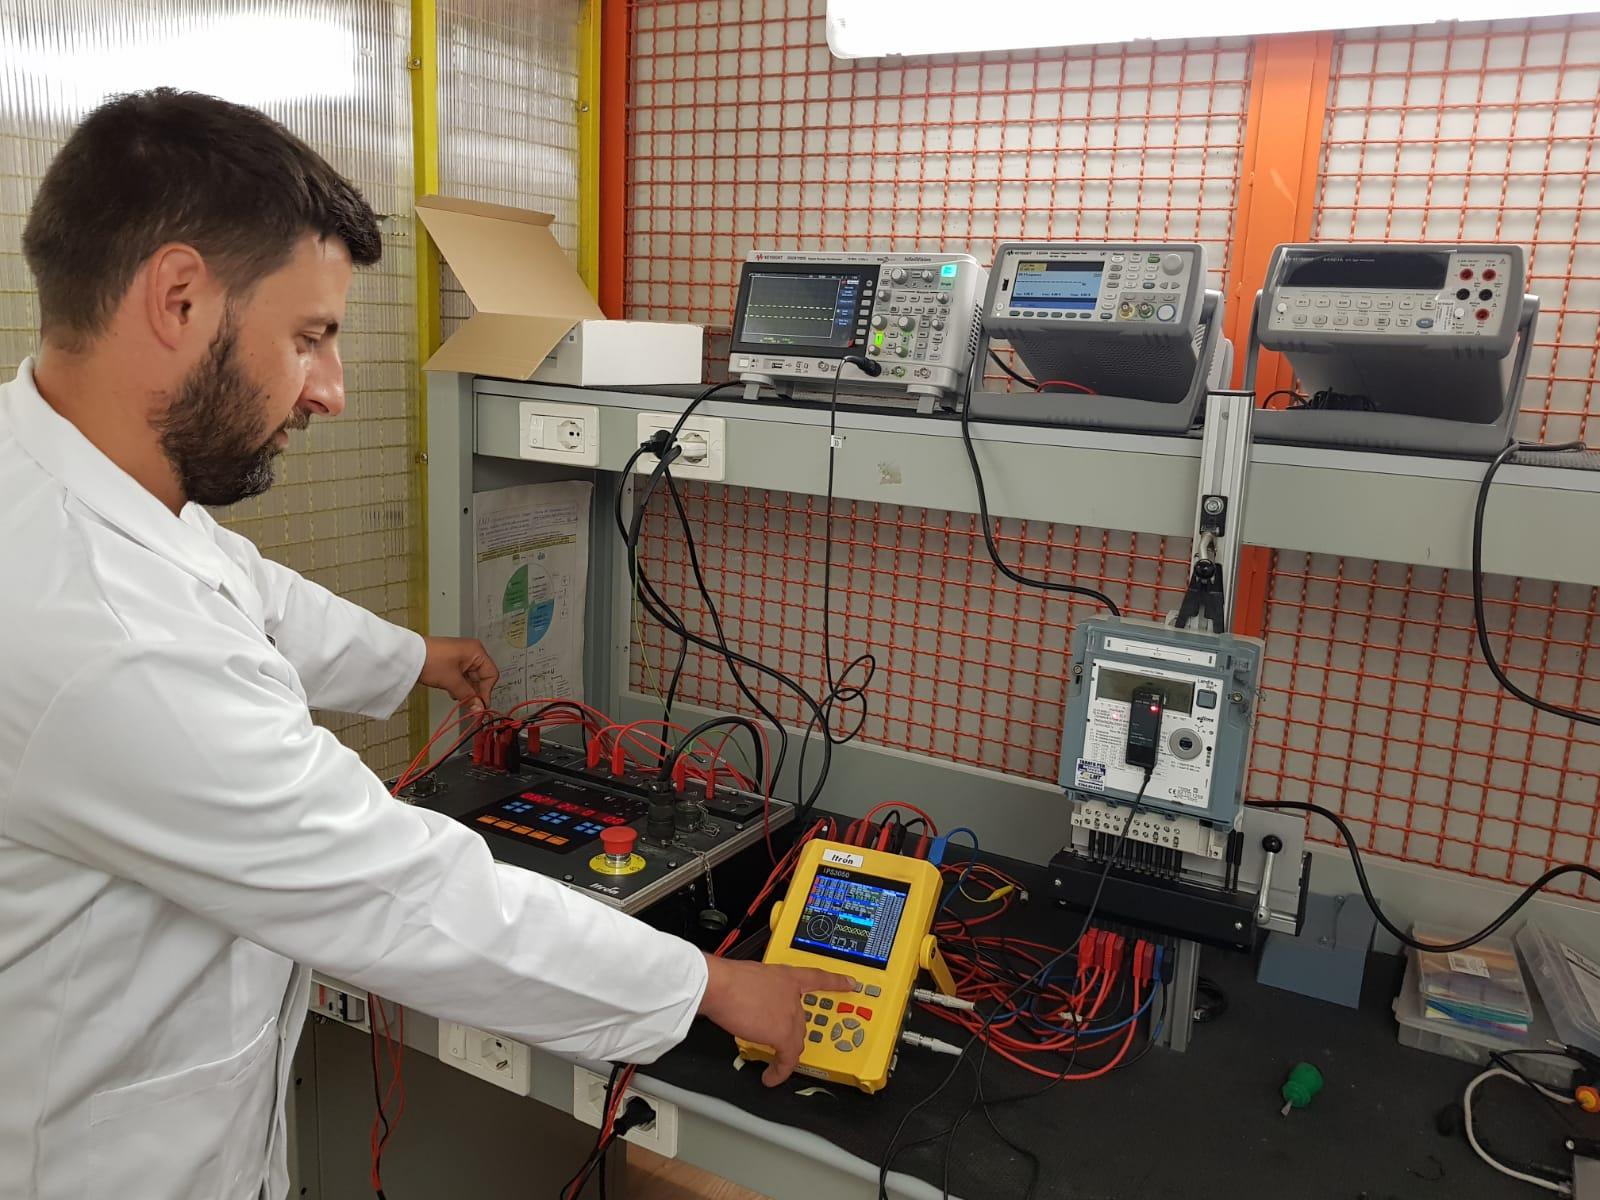 Verifica in laboratorio (Laboratorio Metrologico Ternano)